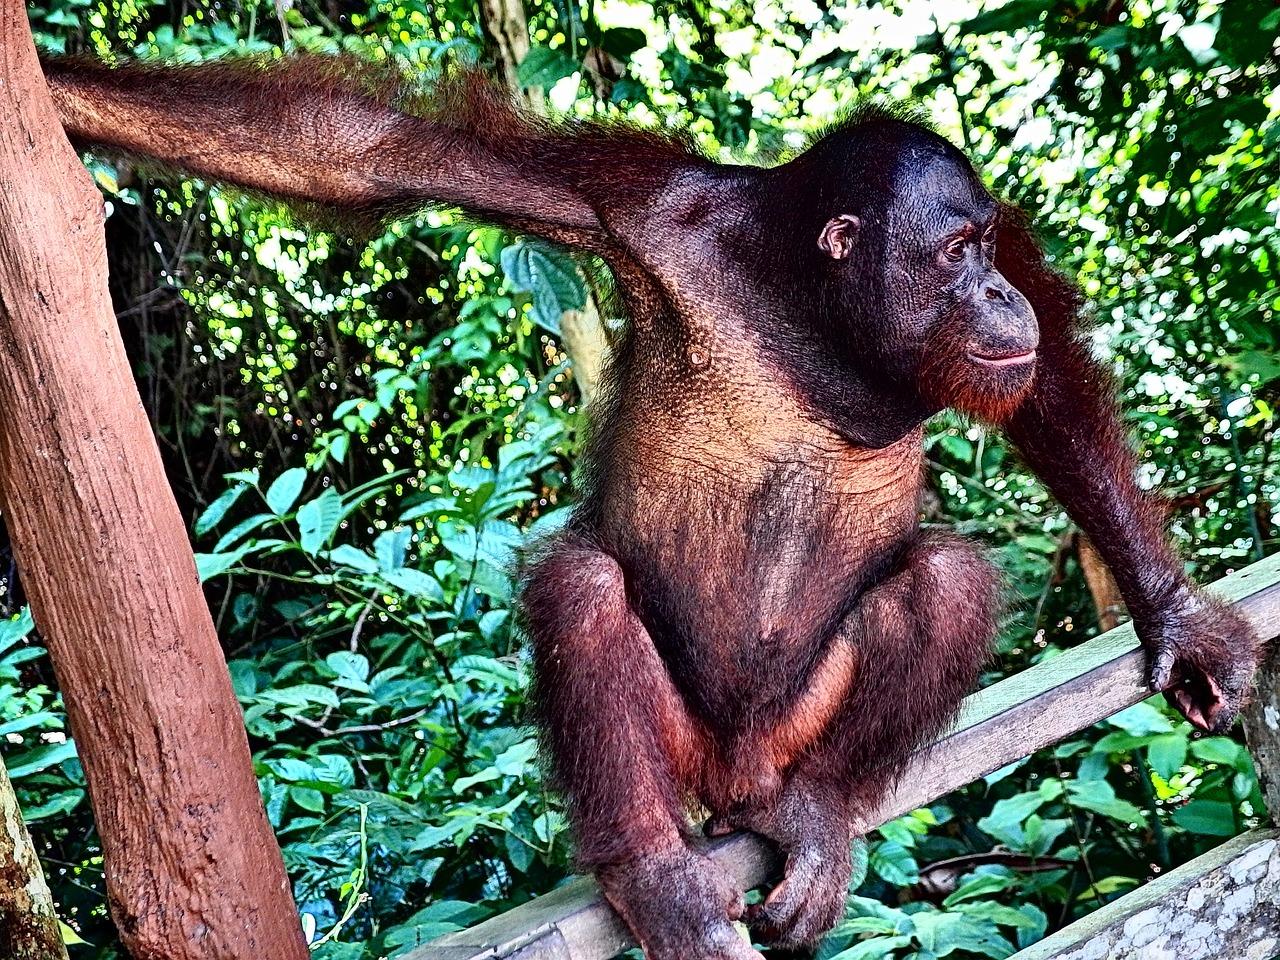 начинаете обезьянки в джунглях картинка почту